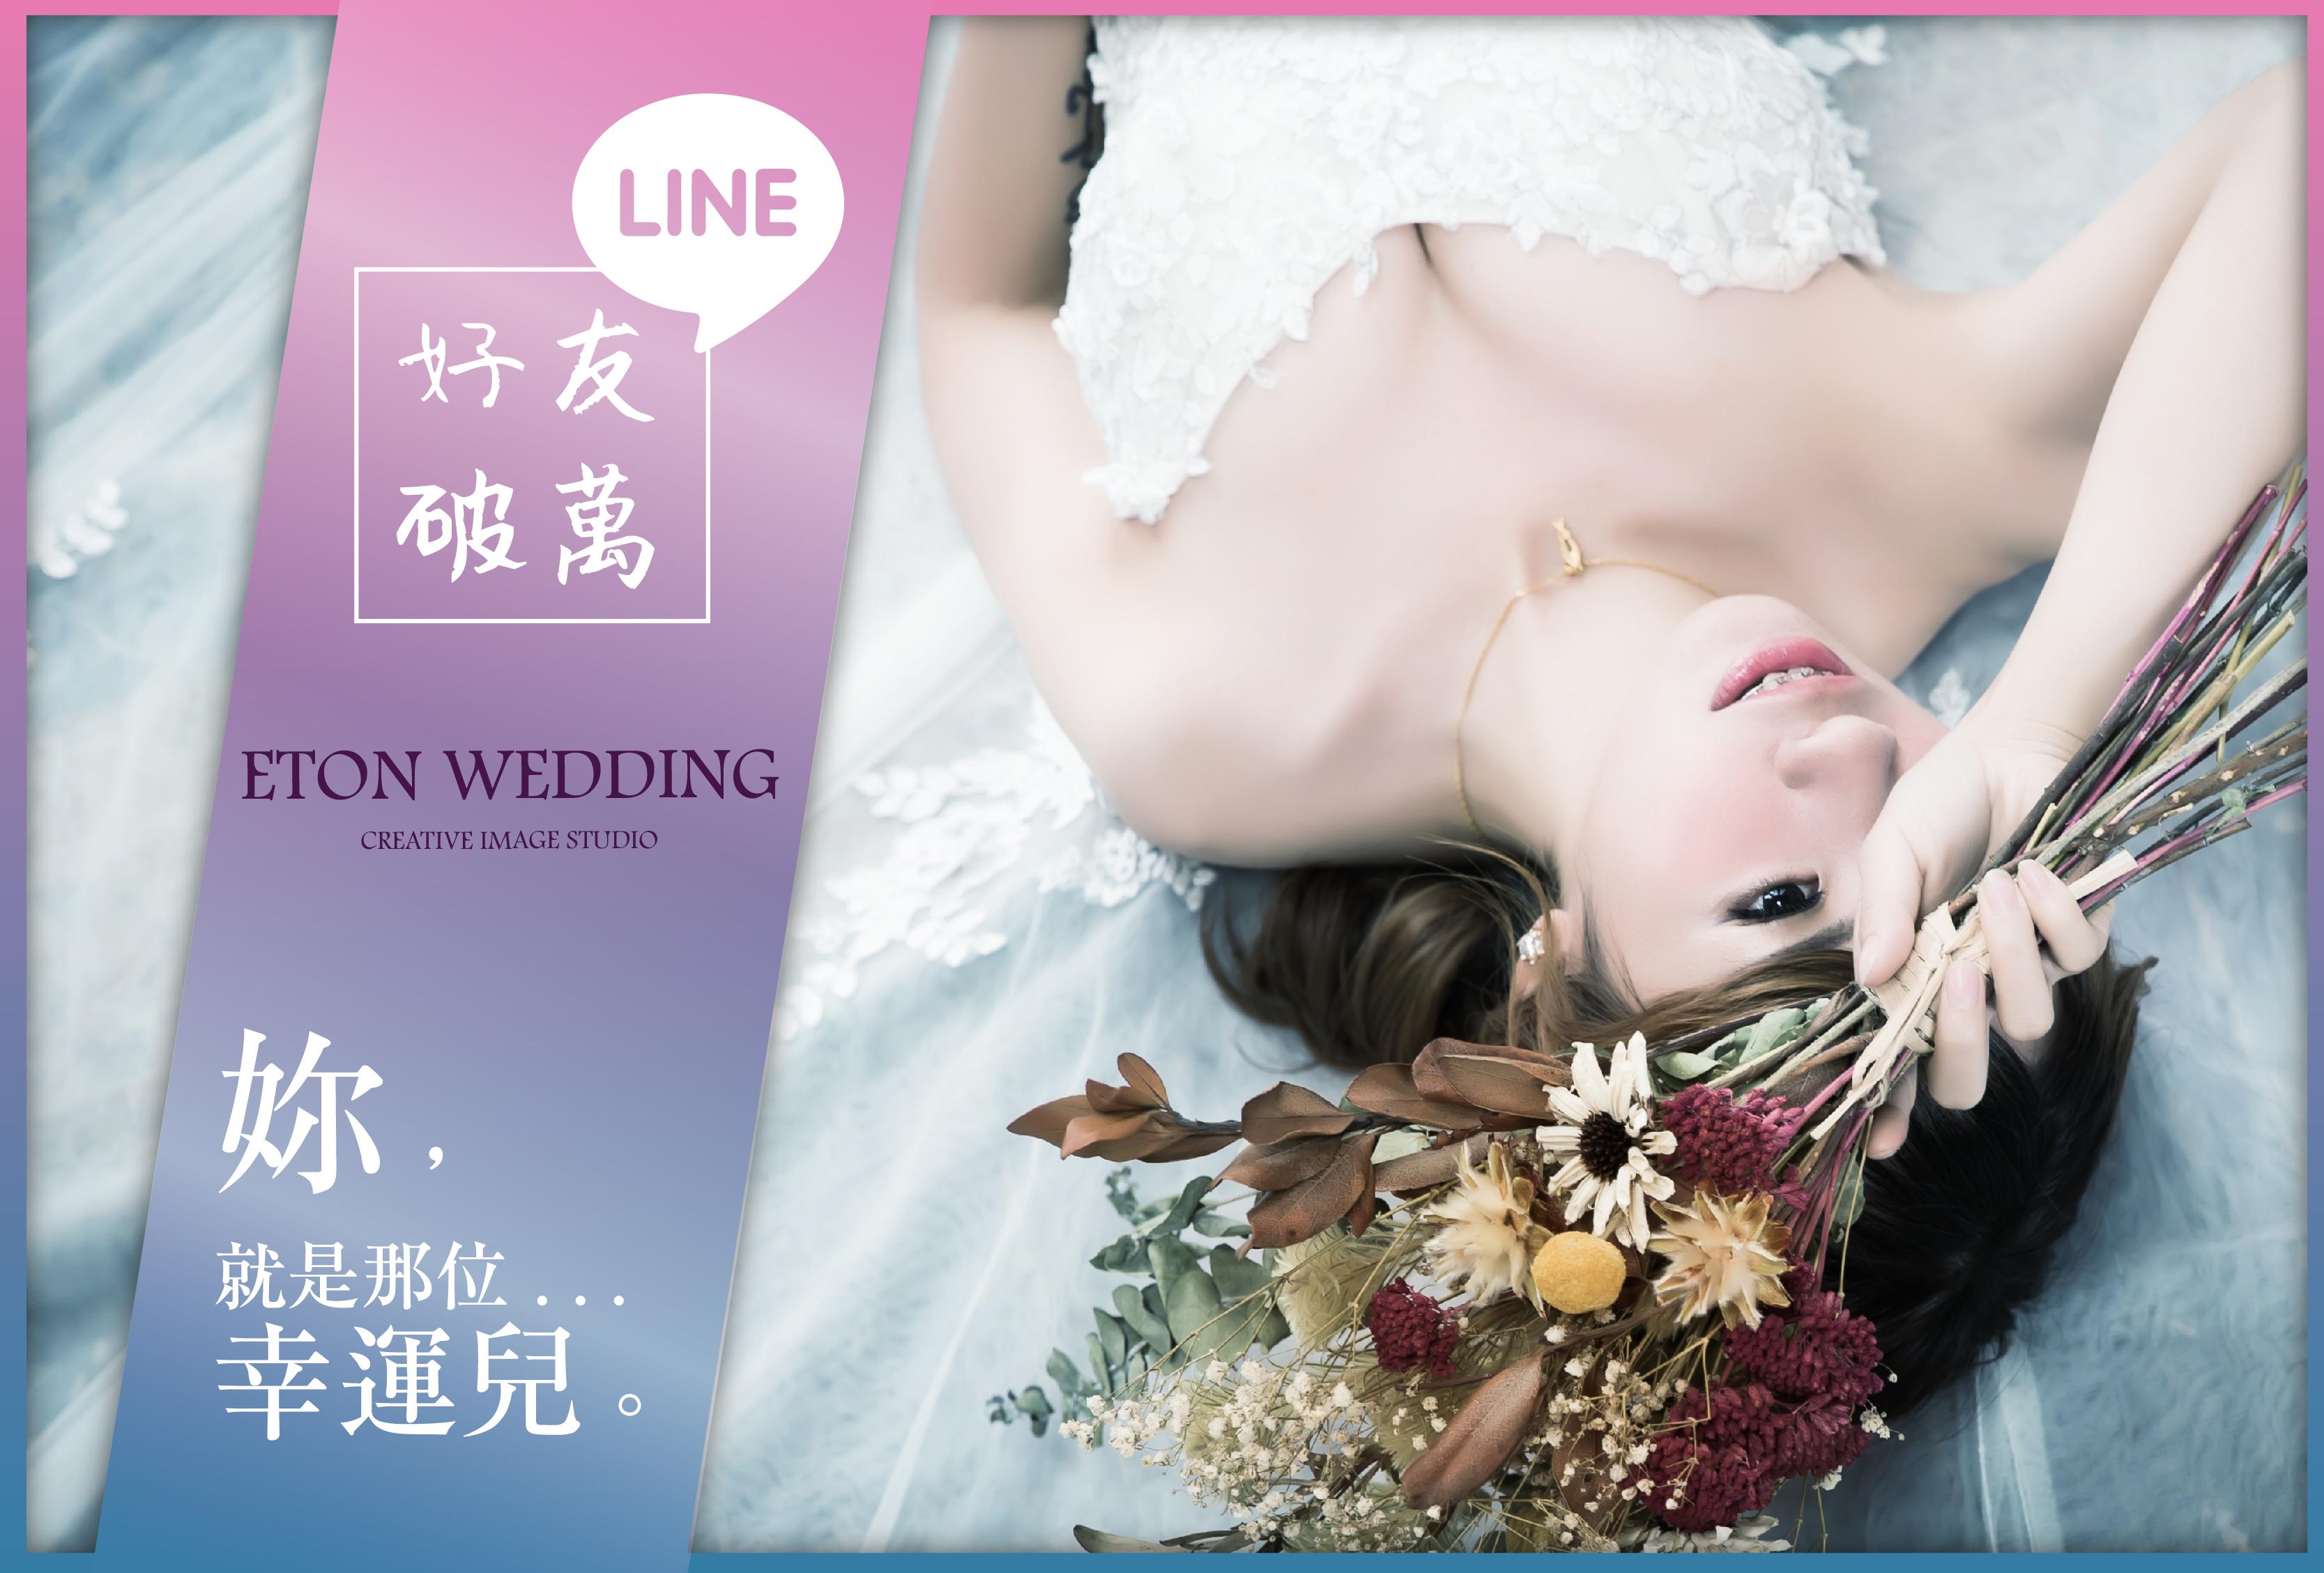 自助婚紗,婚紗包套,自助婚紗推薦,自助婚紗價格